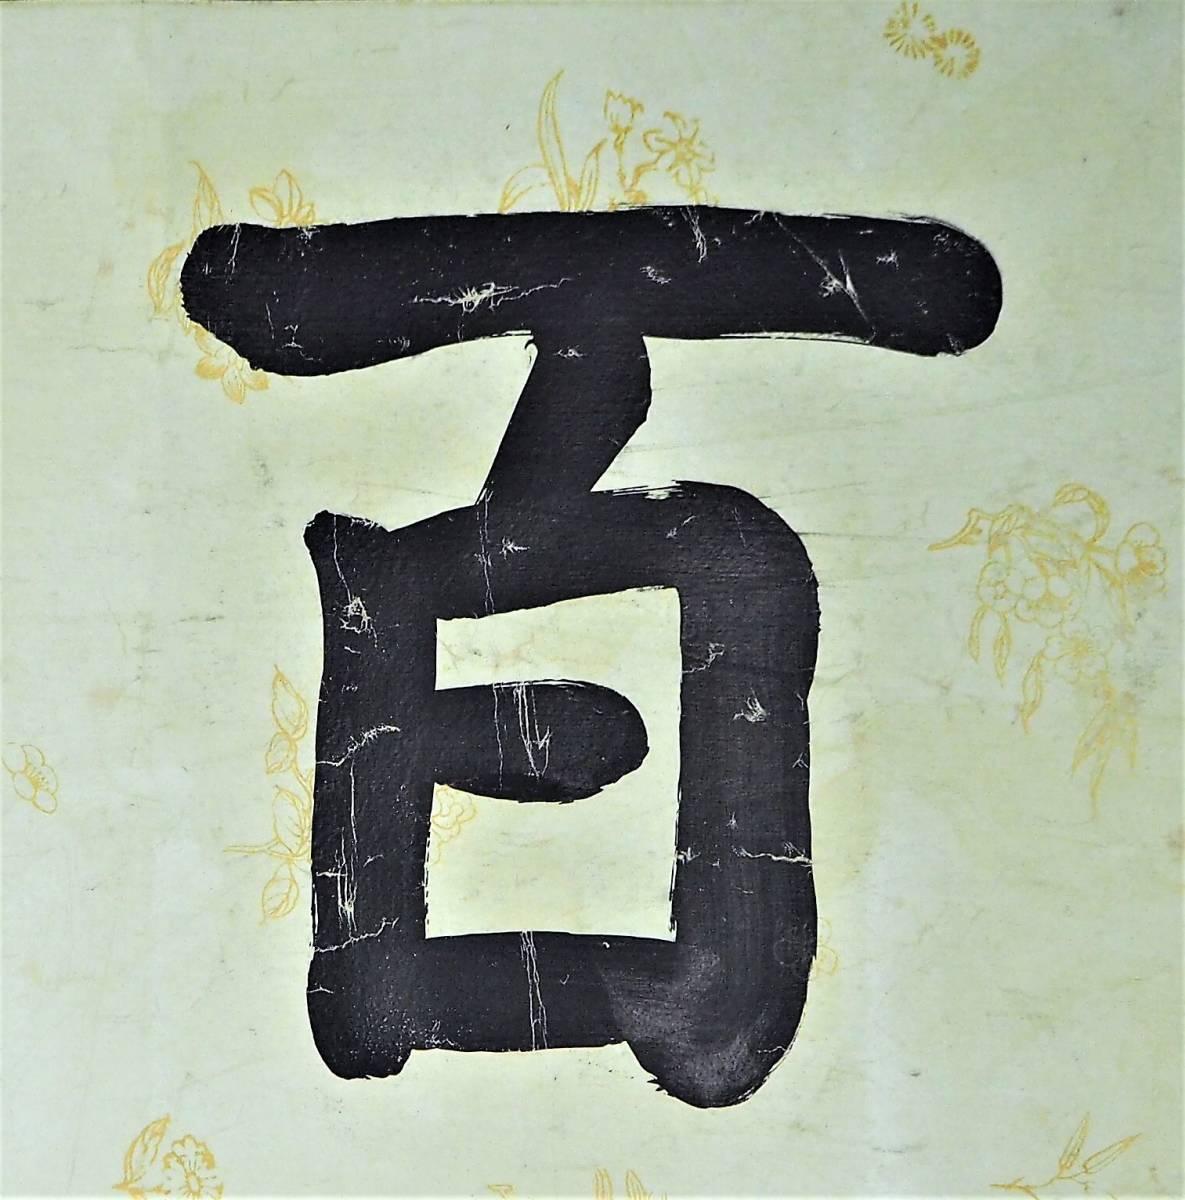 【名家蔵出】中国美術 郭沫若 横一行書『百家争鳴』まくり 書法 肉筆 中国書家 中国文学者 中国政治家_画像3